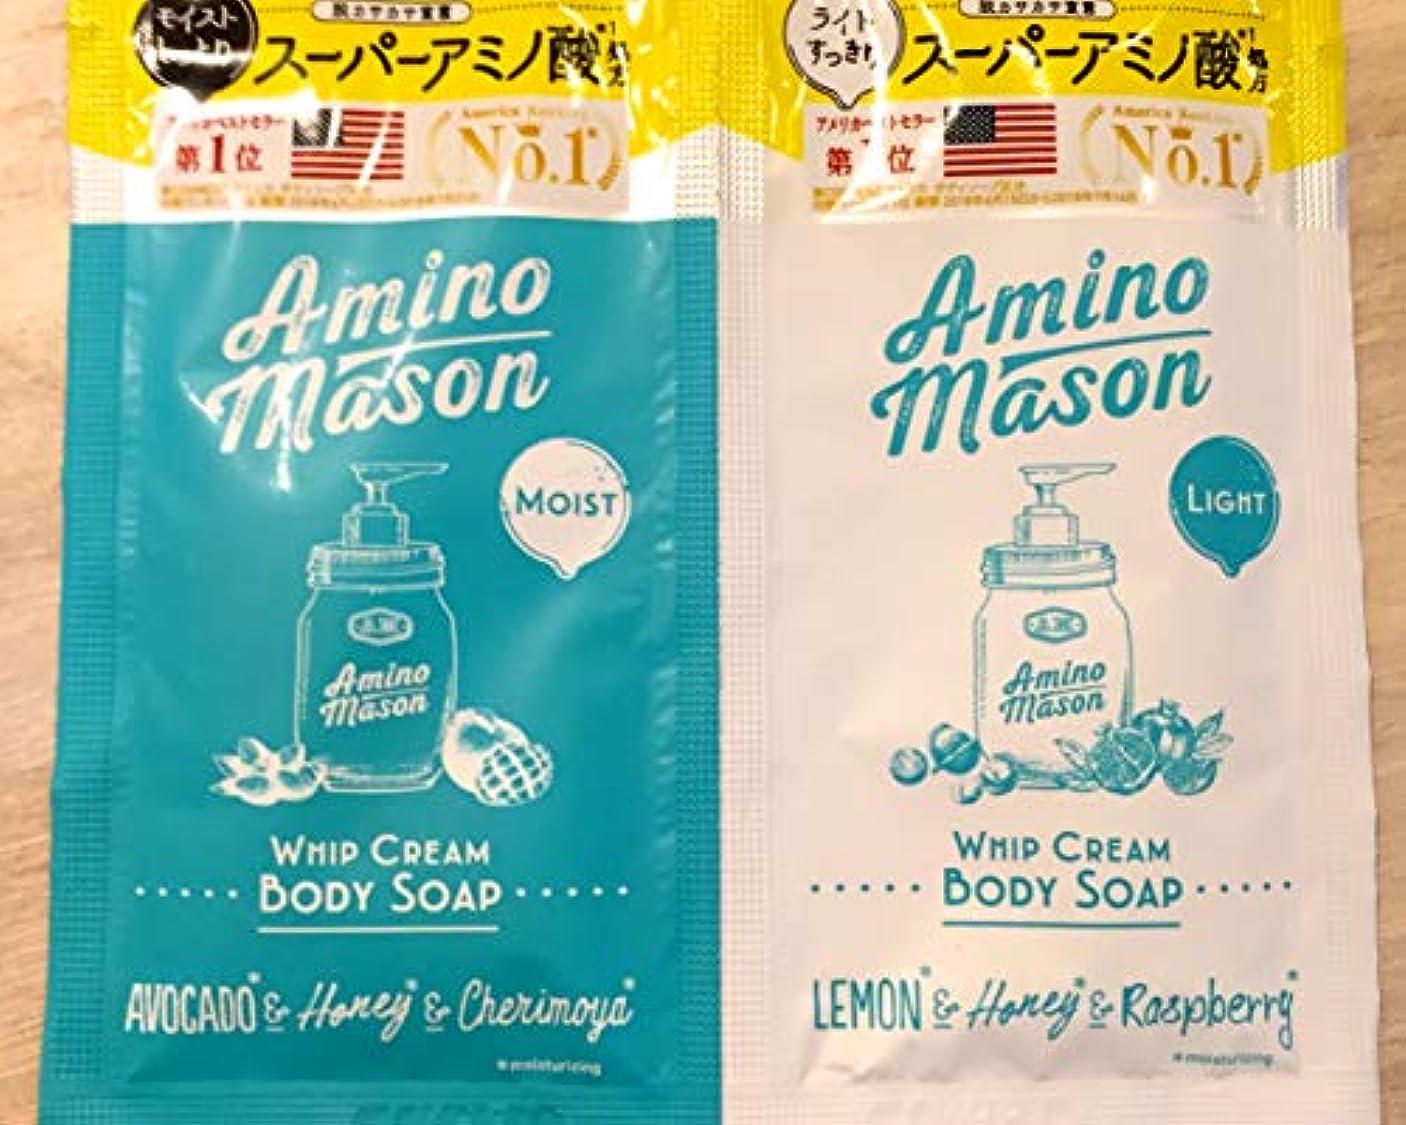 卵小康最後のアミノメイゾン ホイップクリーム ボディソープ モイスト、ライト24入